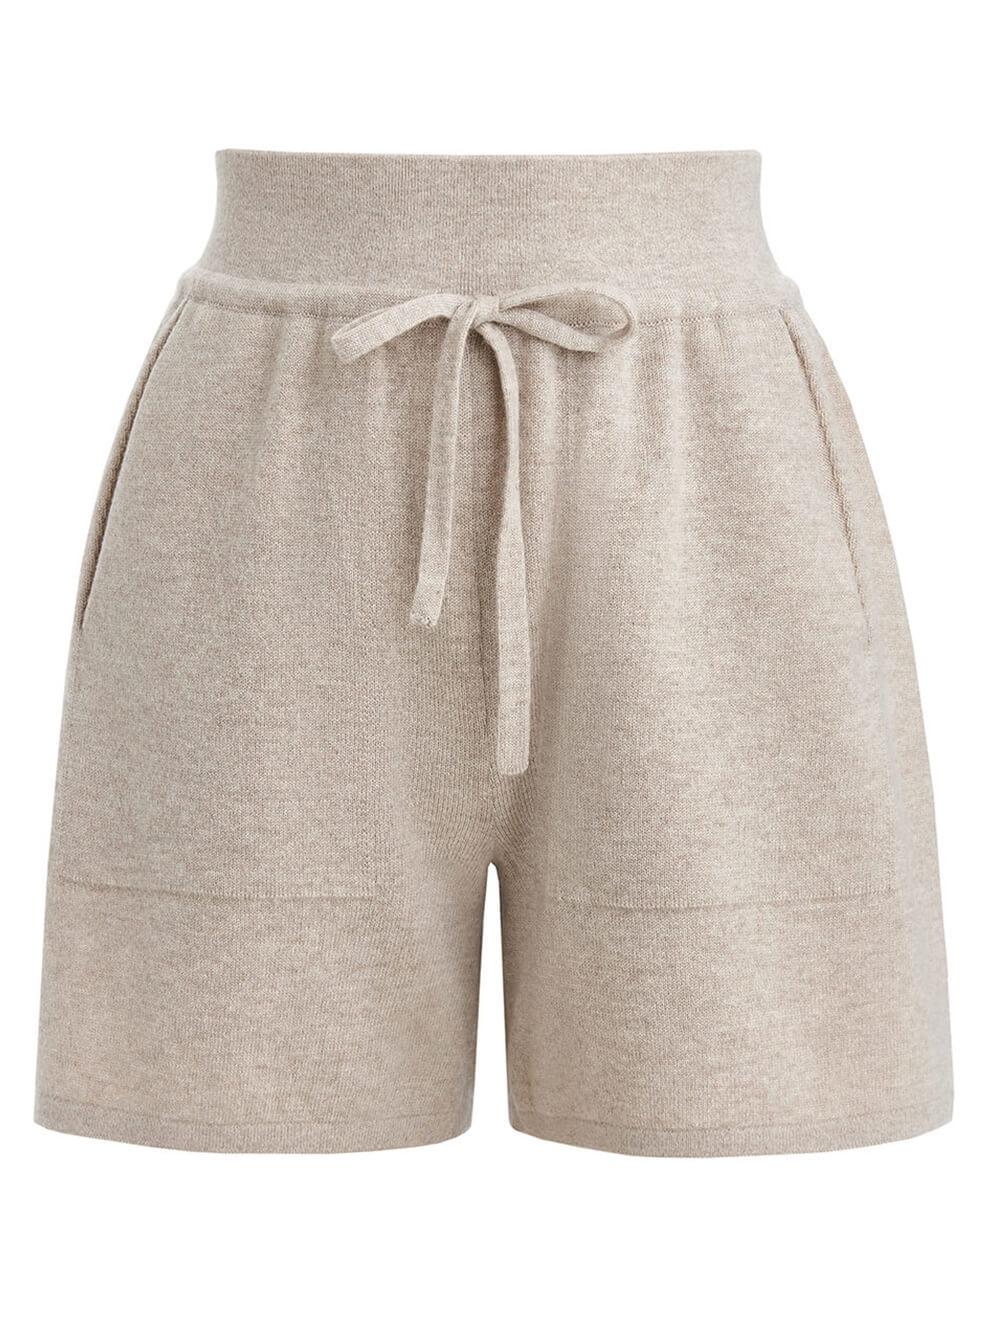 Женские шорты бежевого цвета из шерсти и кашемира - фото 1